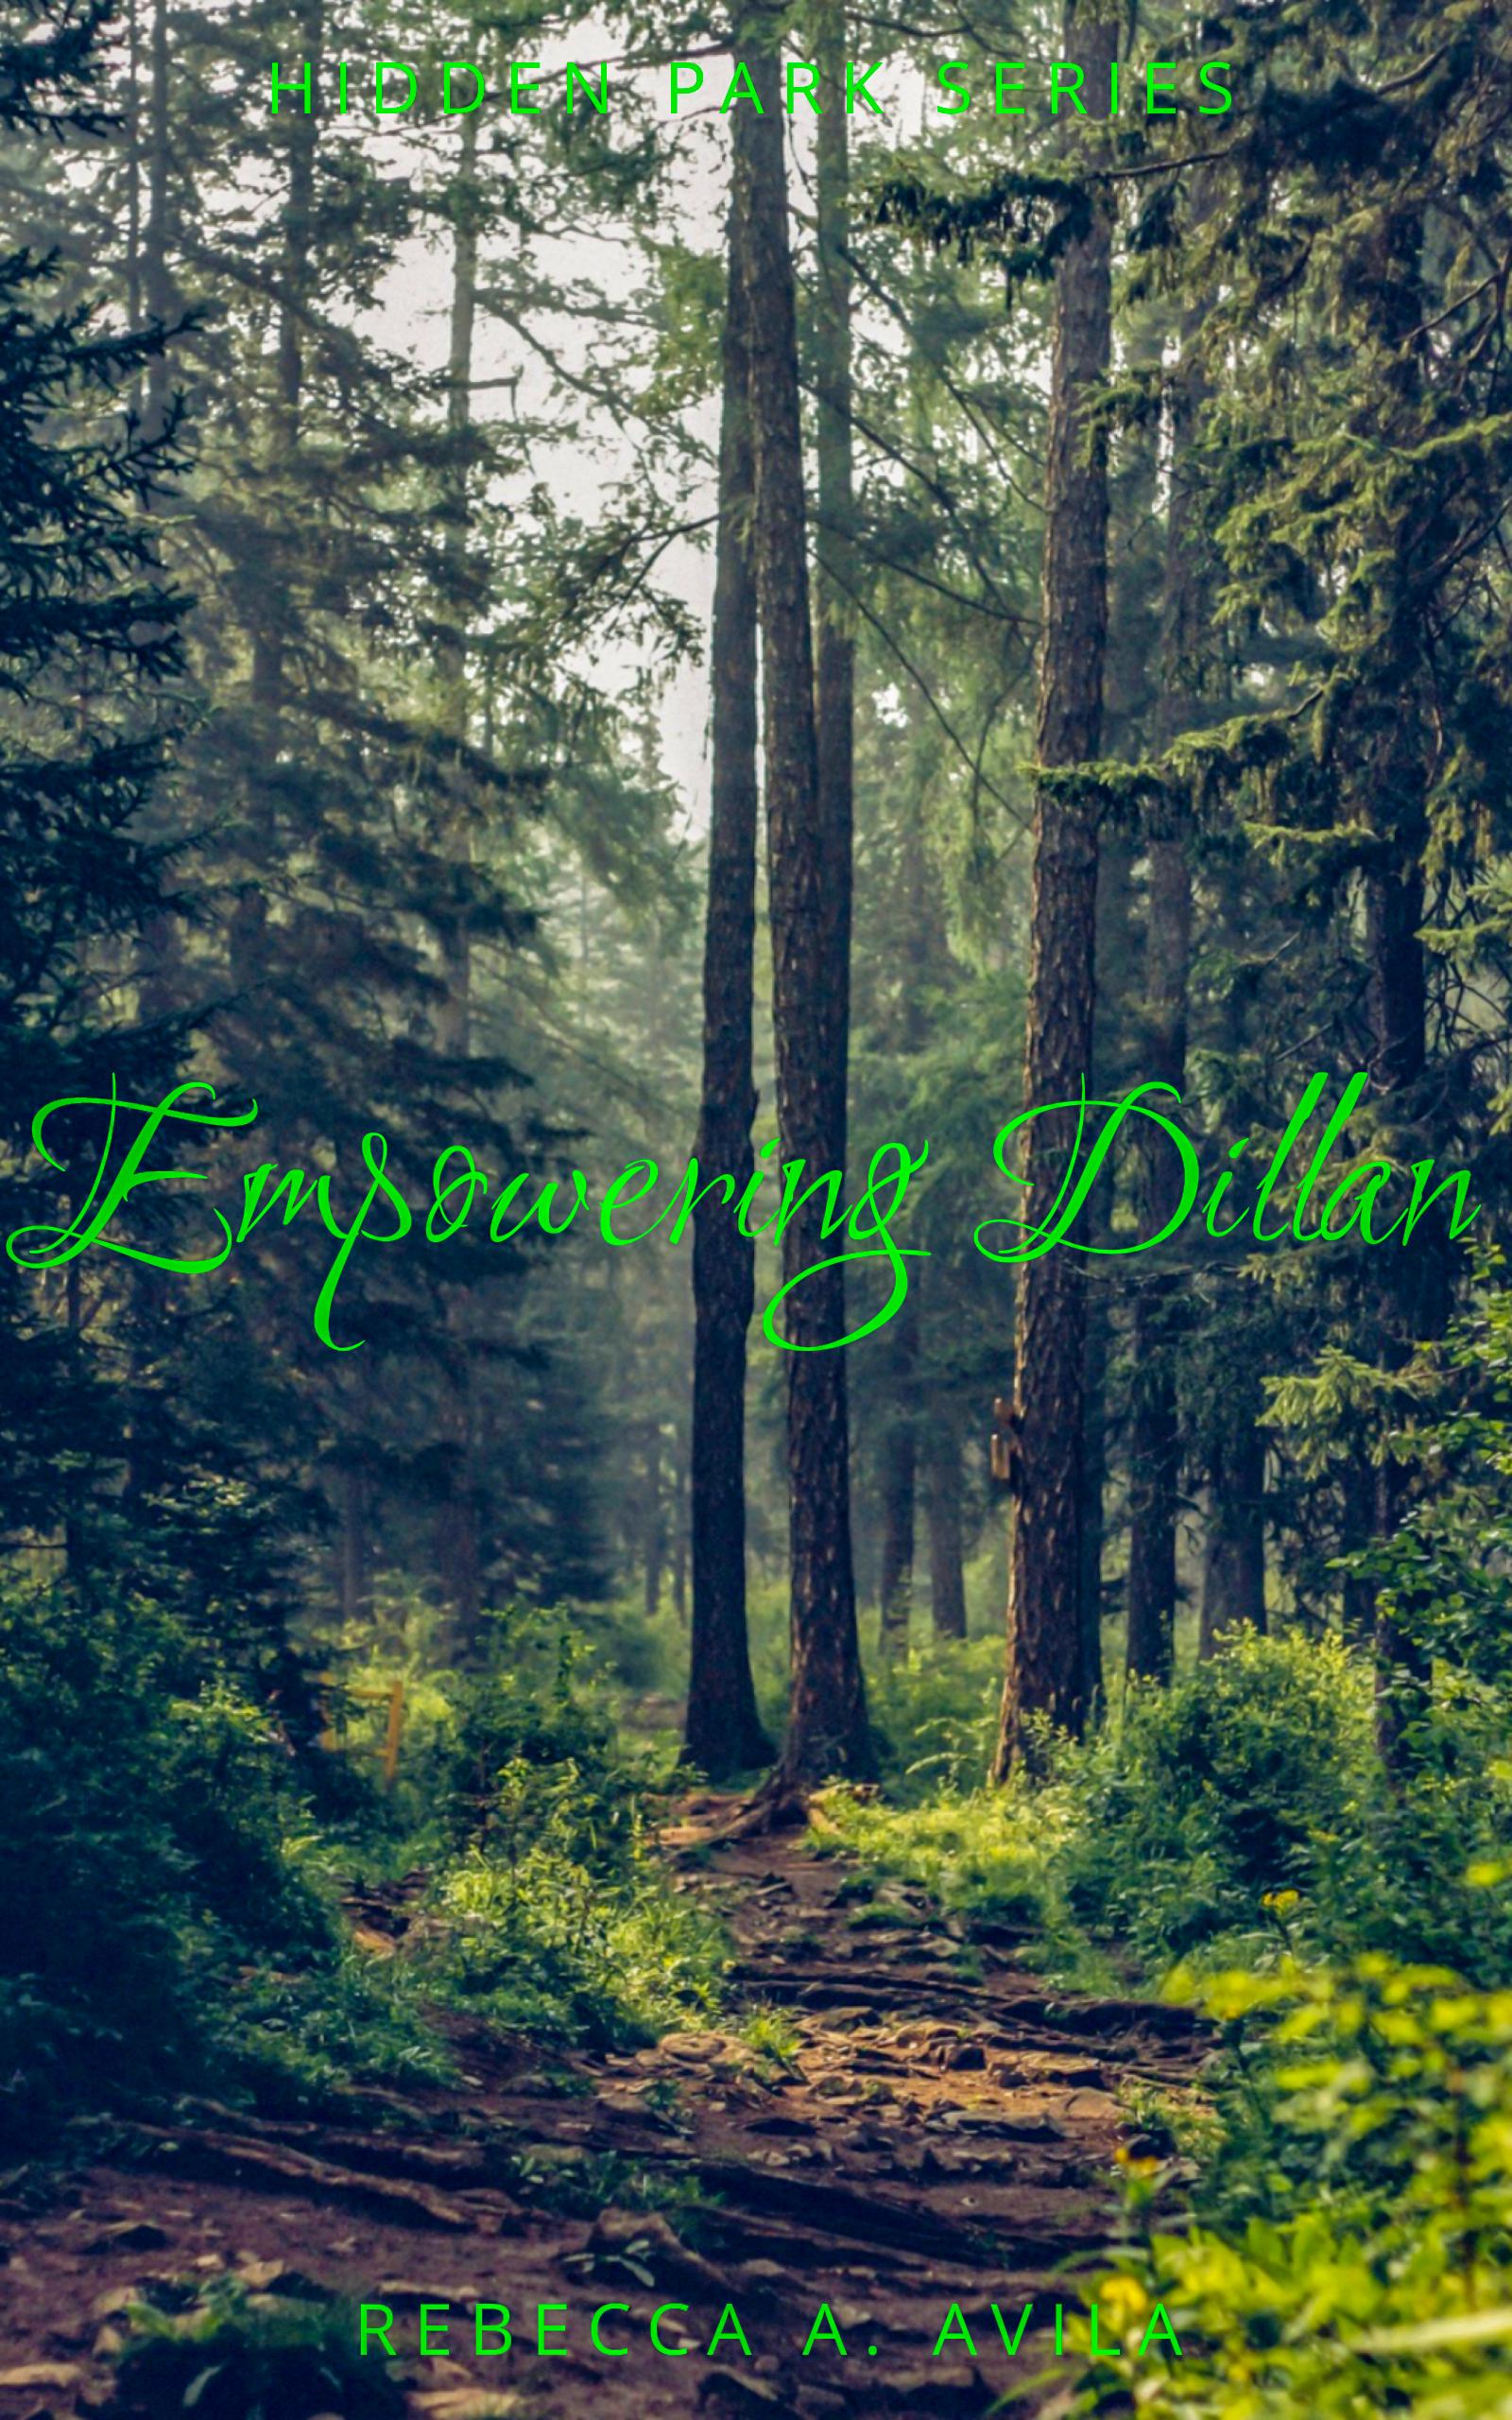 Empowering Dillan